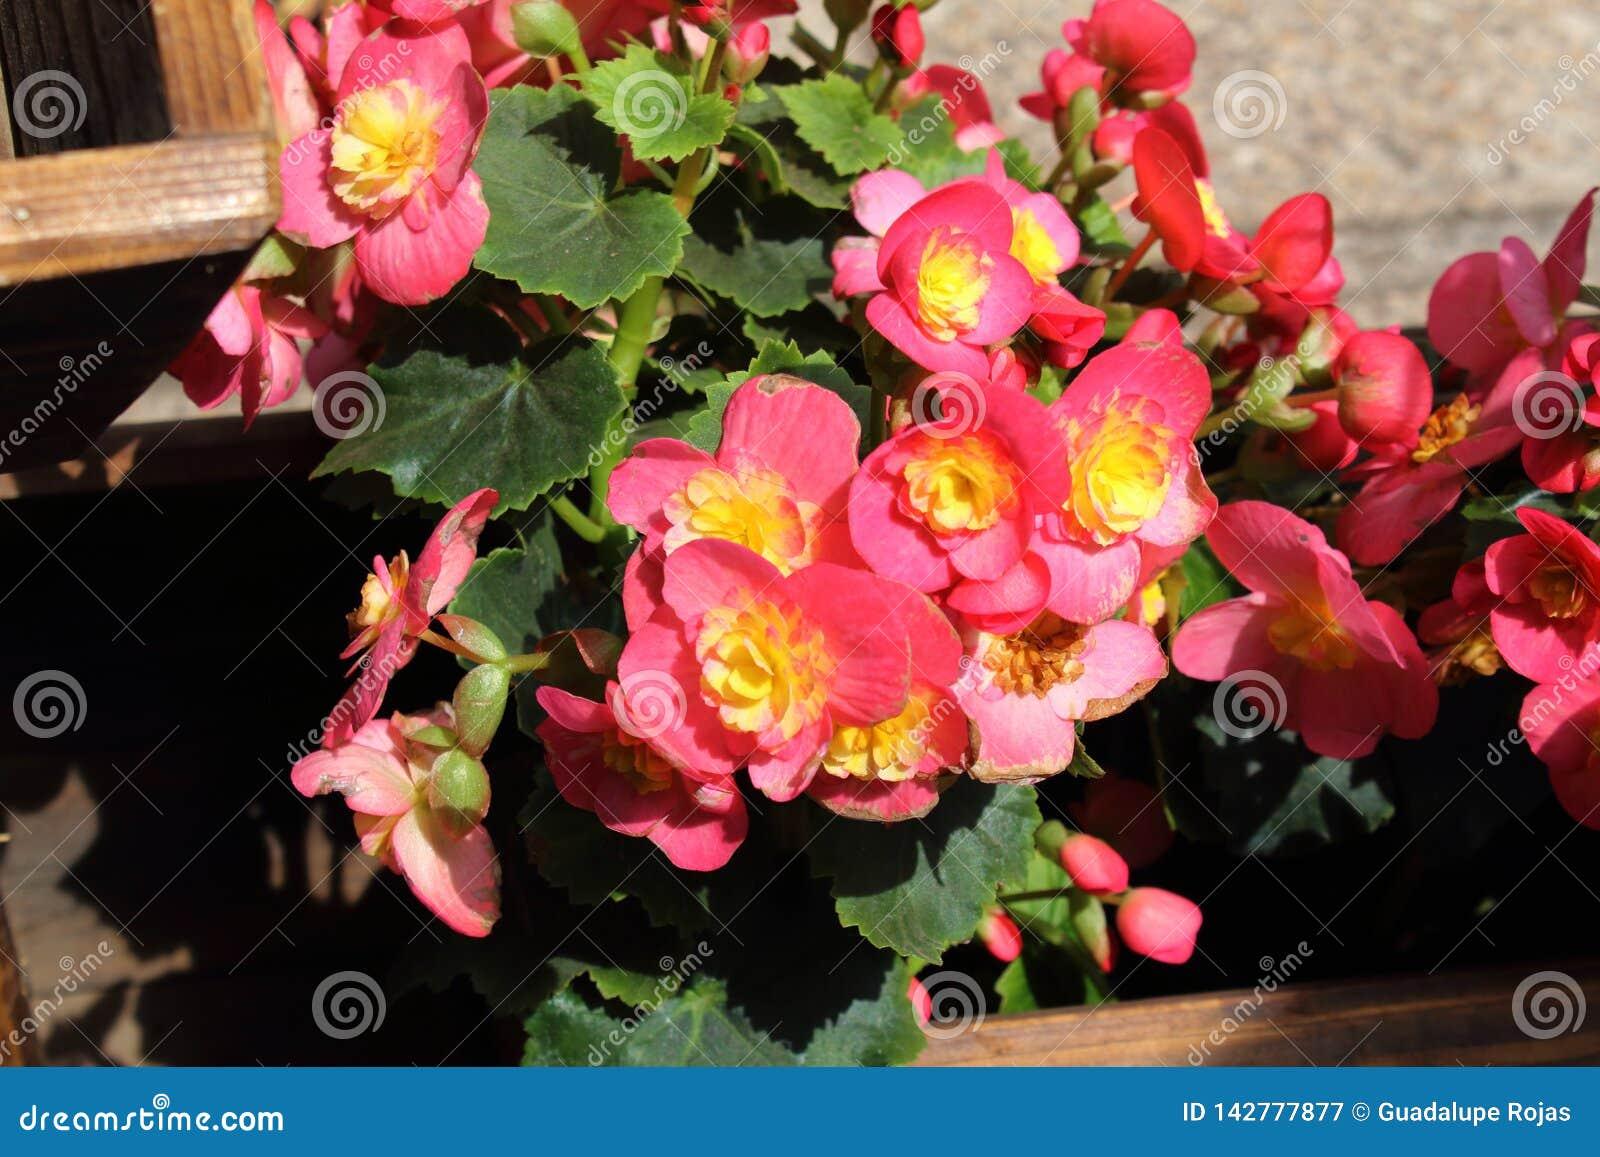 Fleurs de différentes couleurs qui peuvent être employées pour décorer la maison, le bureau et d autres endroits Ils peuvent égal